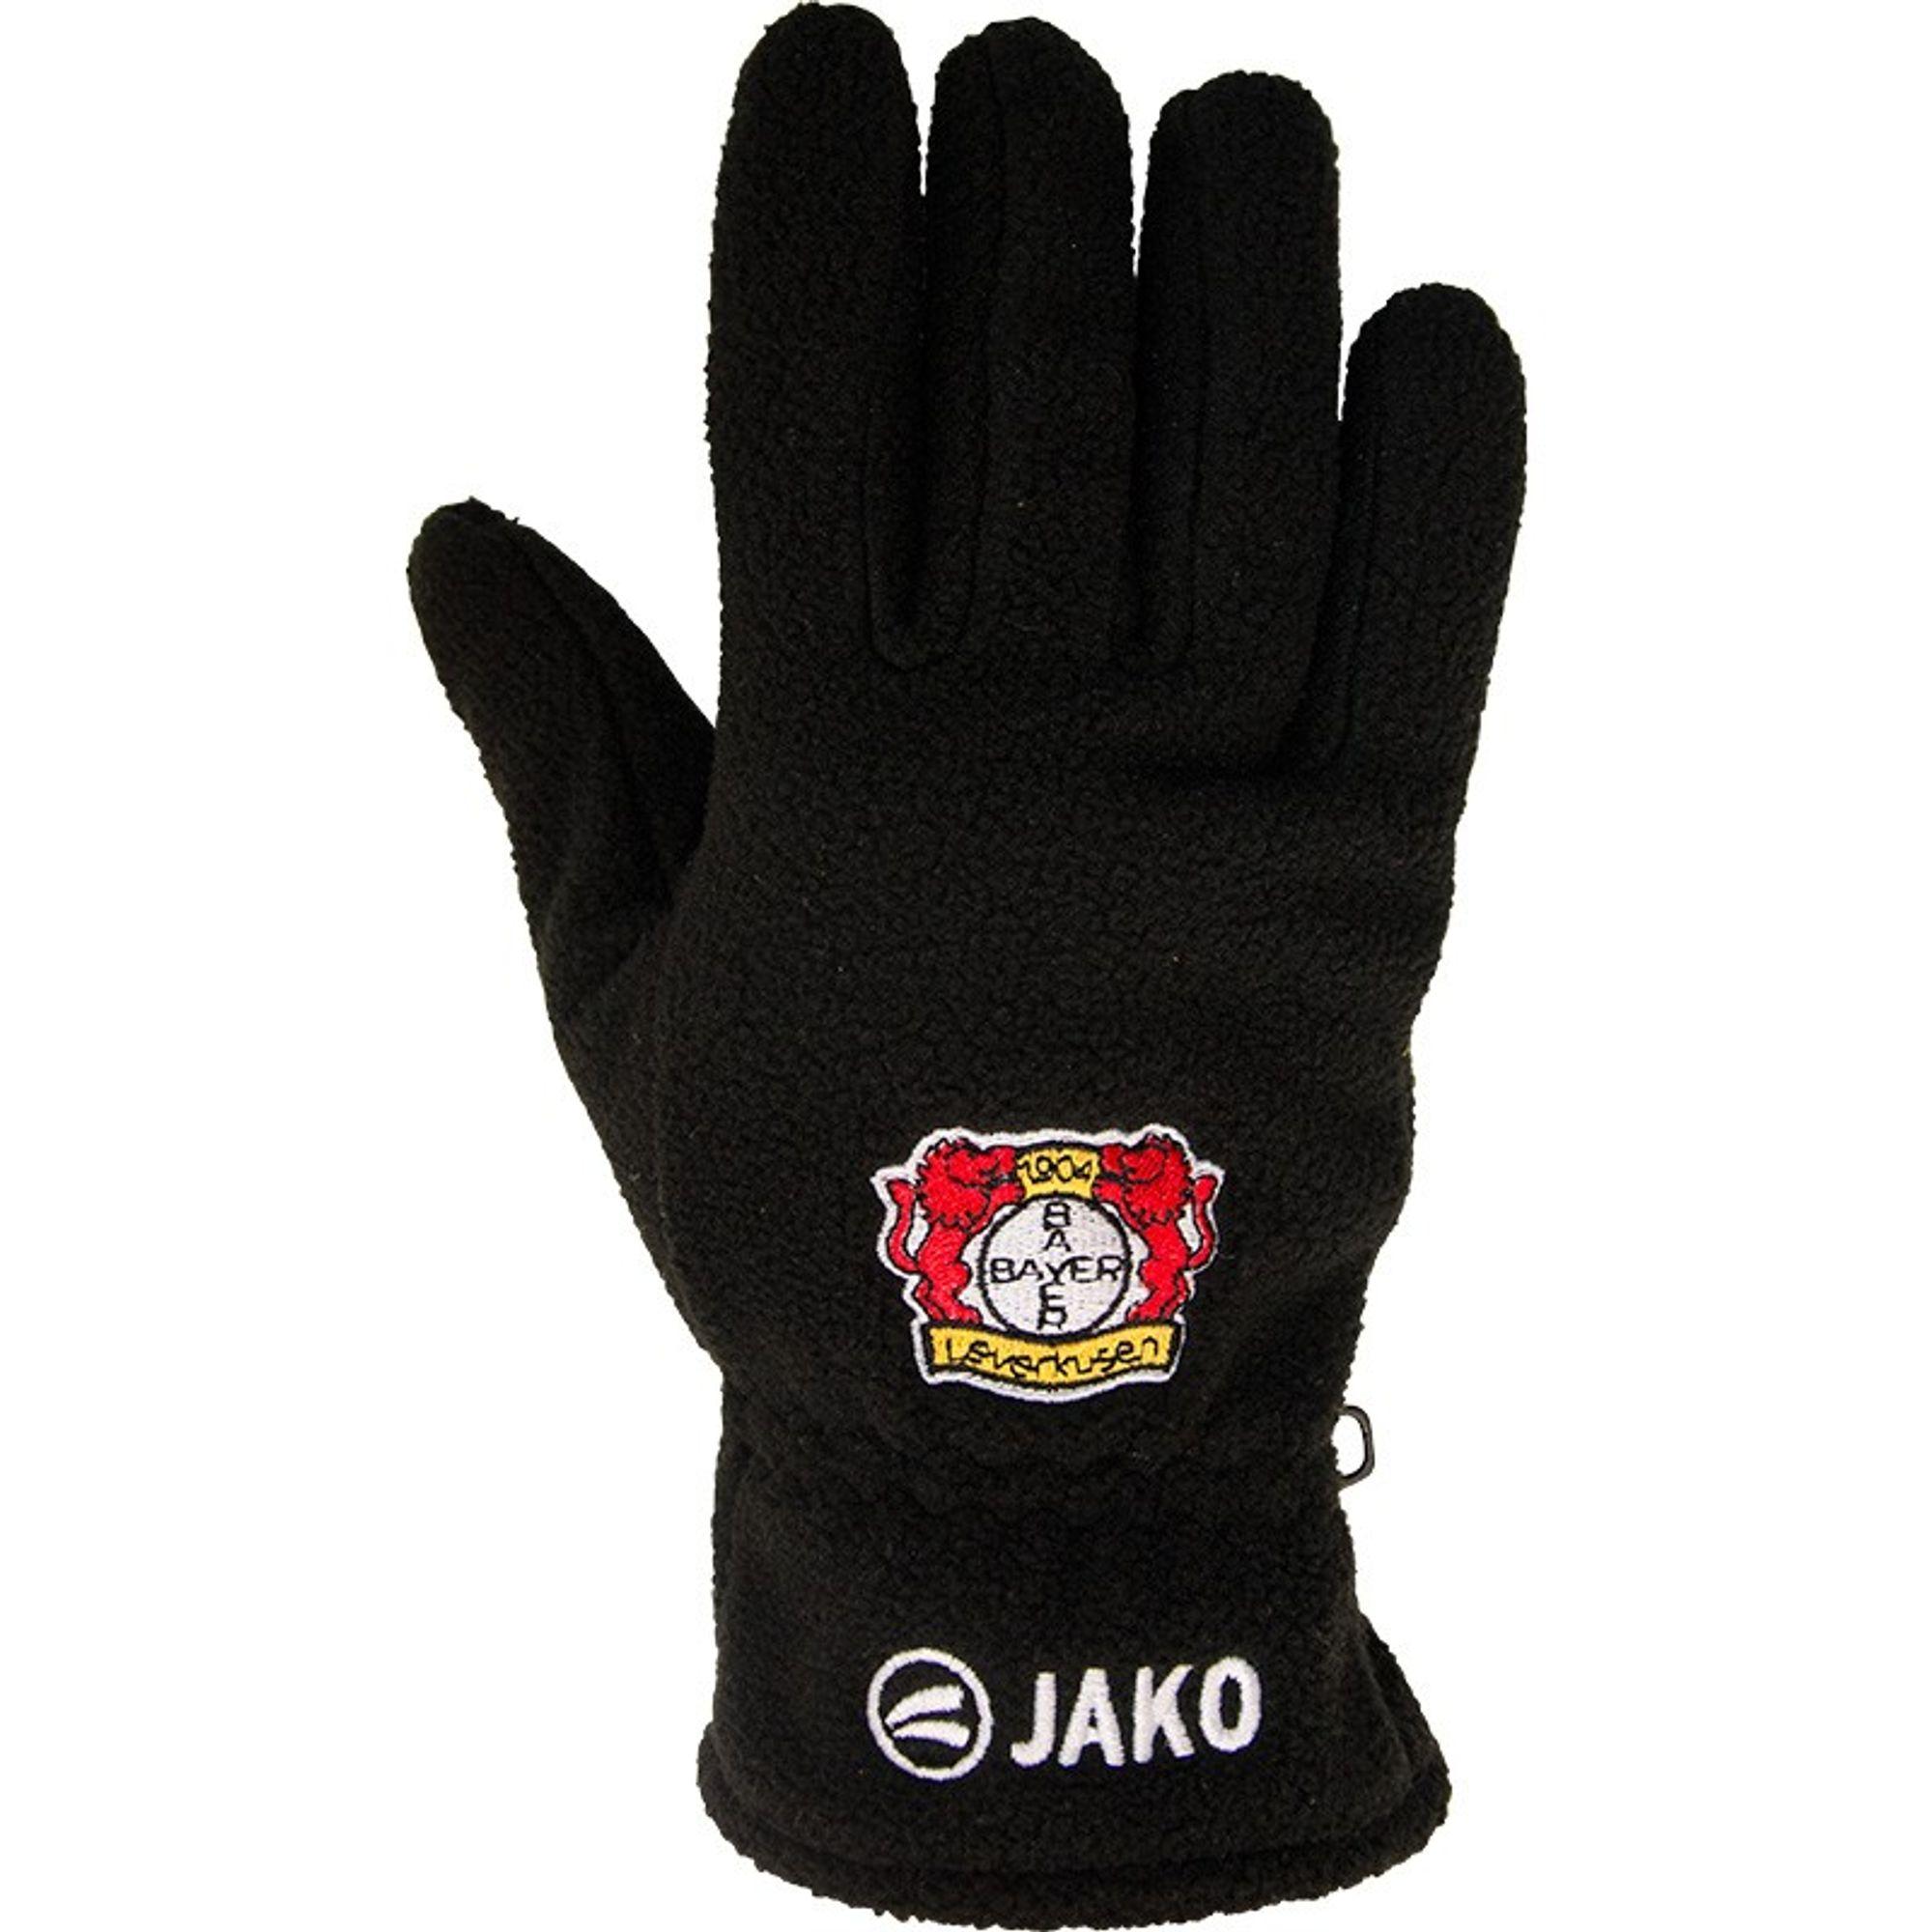 Jako Bayer 04 Leverkusen Fleecehandschuhe - schwarz